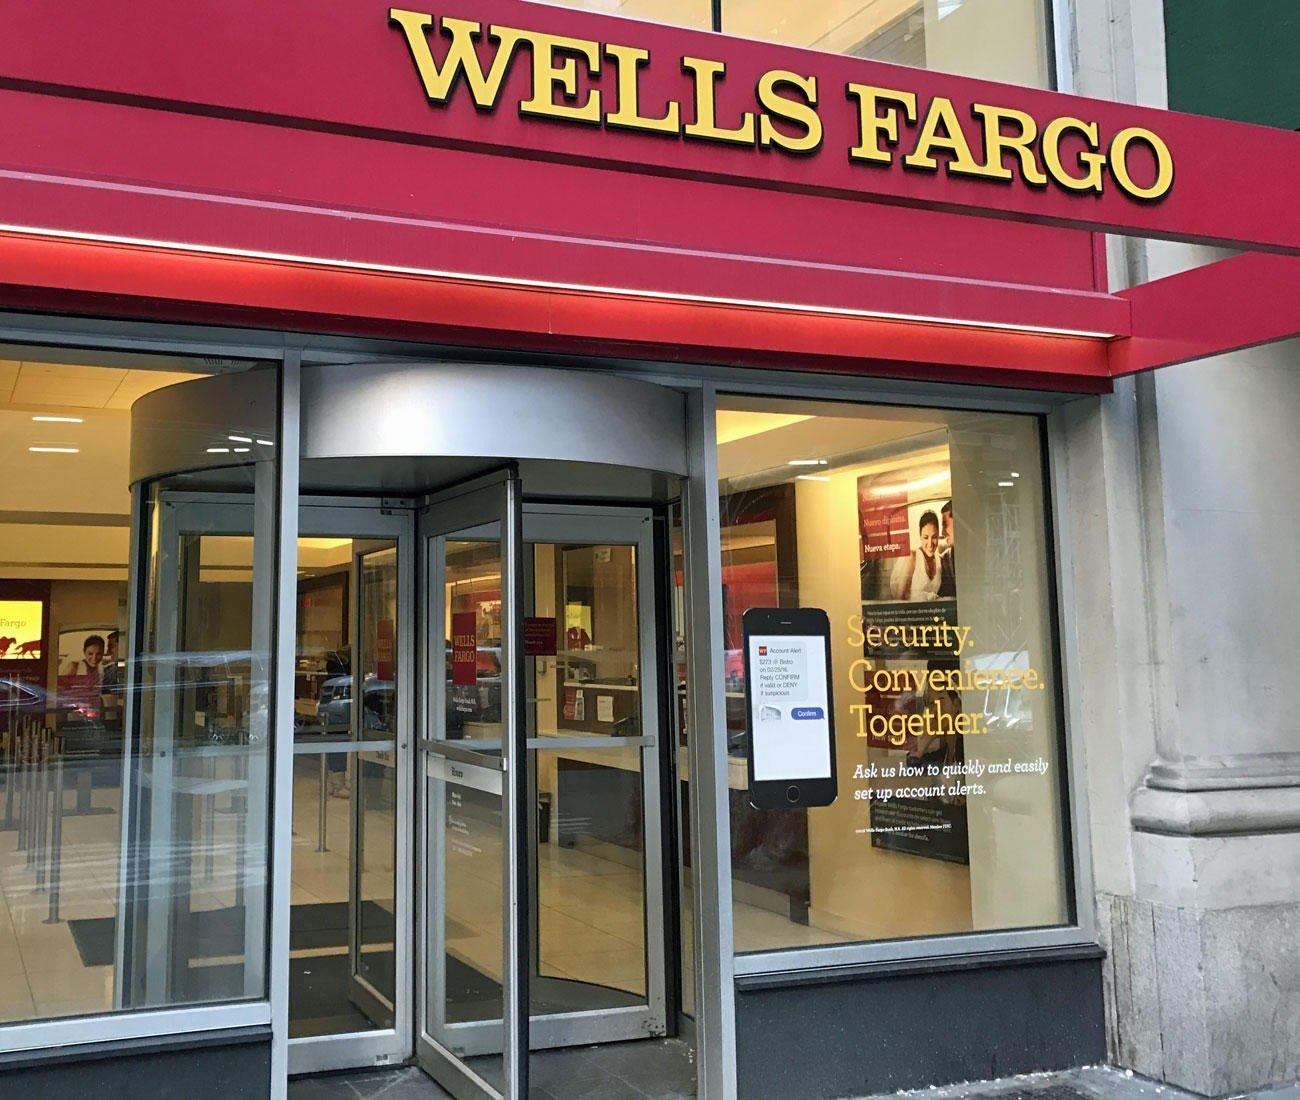 WELLS FARGO og finanssektoren gikk opp i kurs tirsdag.